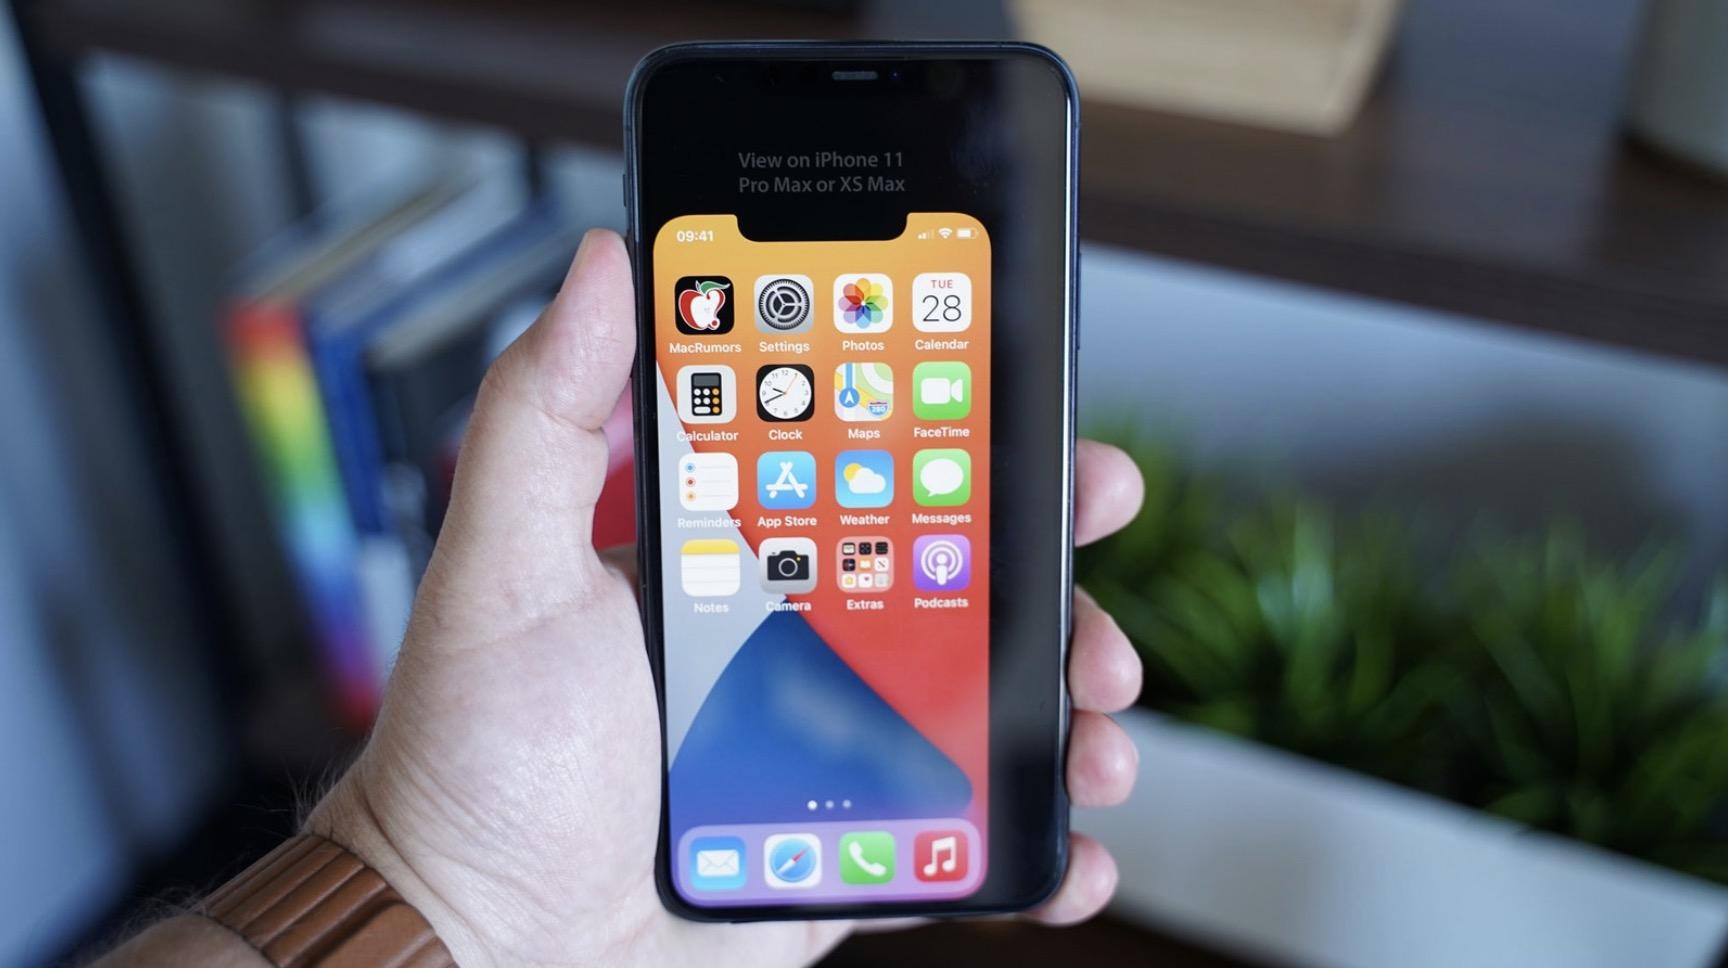 iphone ekran boyutu karşılaştırma